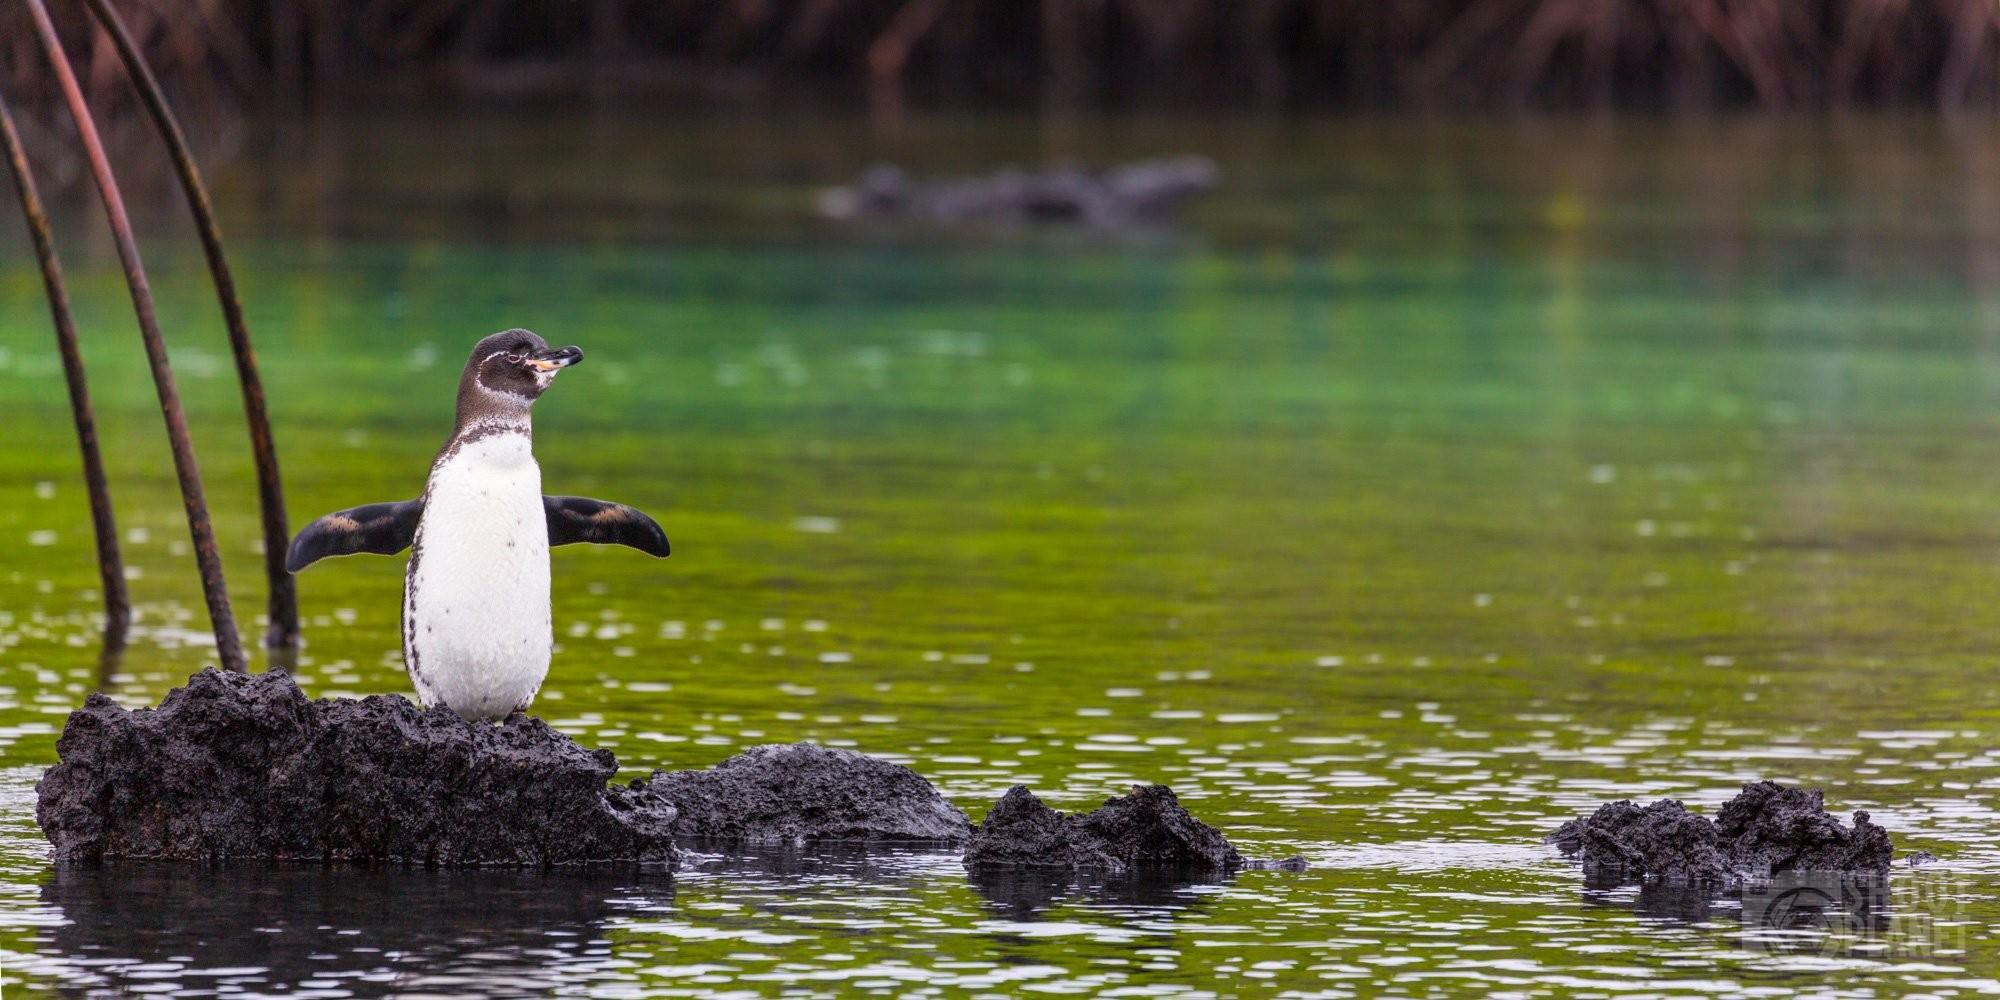 Galapagos Penguin on a rock, Ecuador